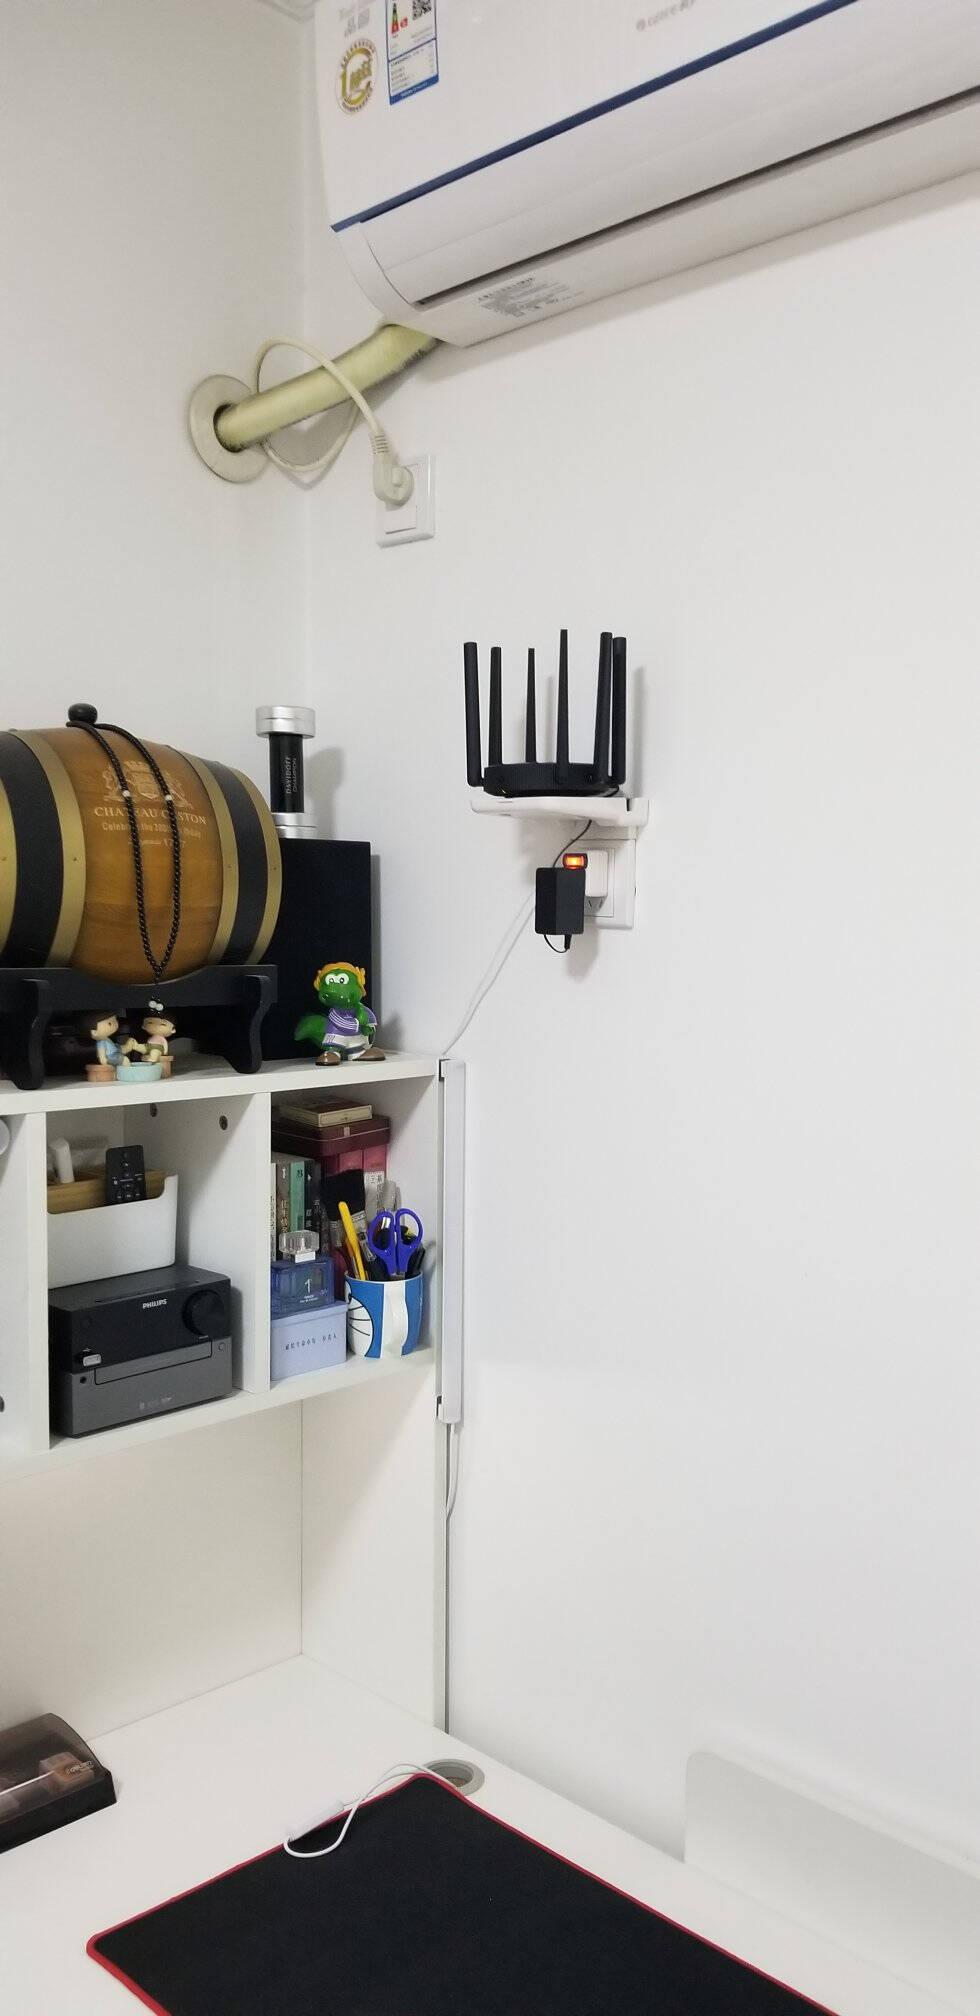 丽博尔免打孔小爱同学智能音响支架方糖IN小度托架监控摄像头支架底座室内排插壁挂固定插座手机架壁挂支架